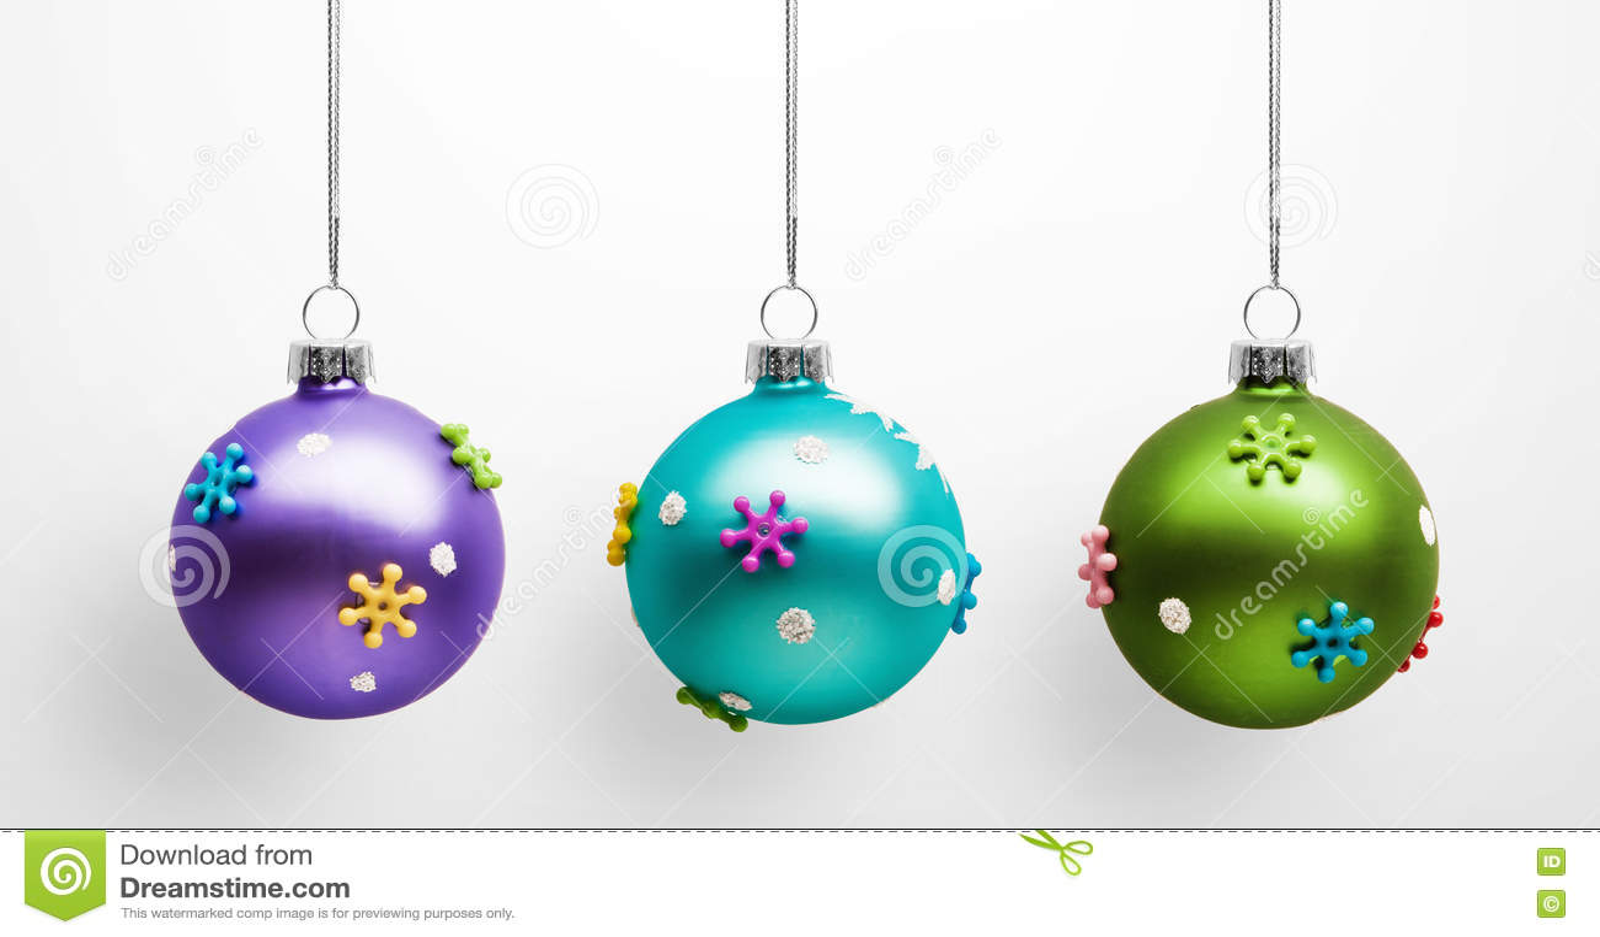 Christmas colored balls stock photo image